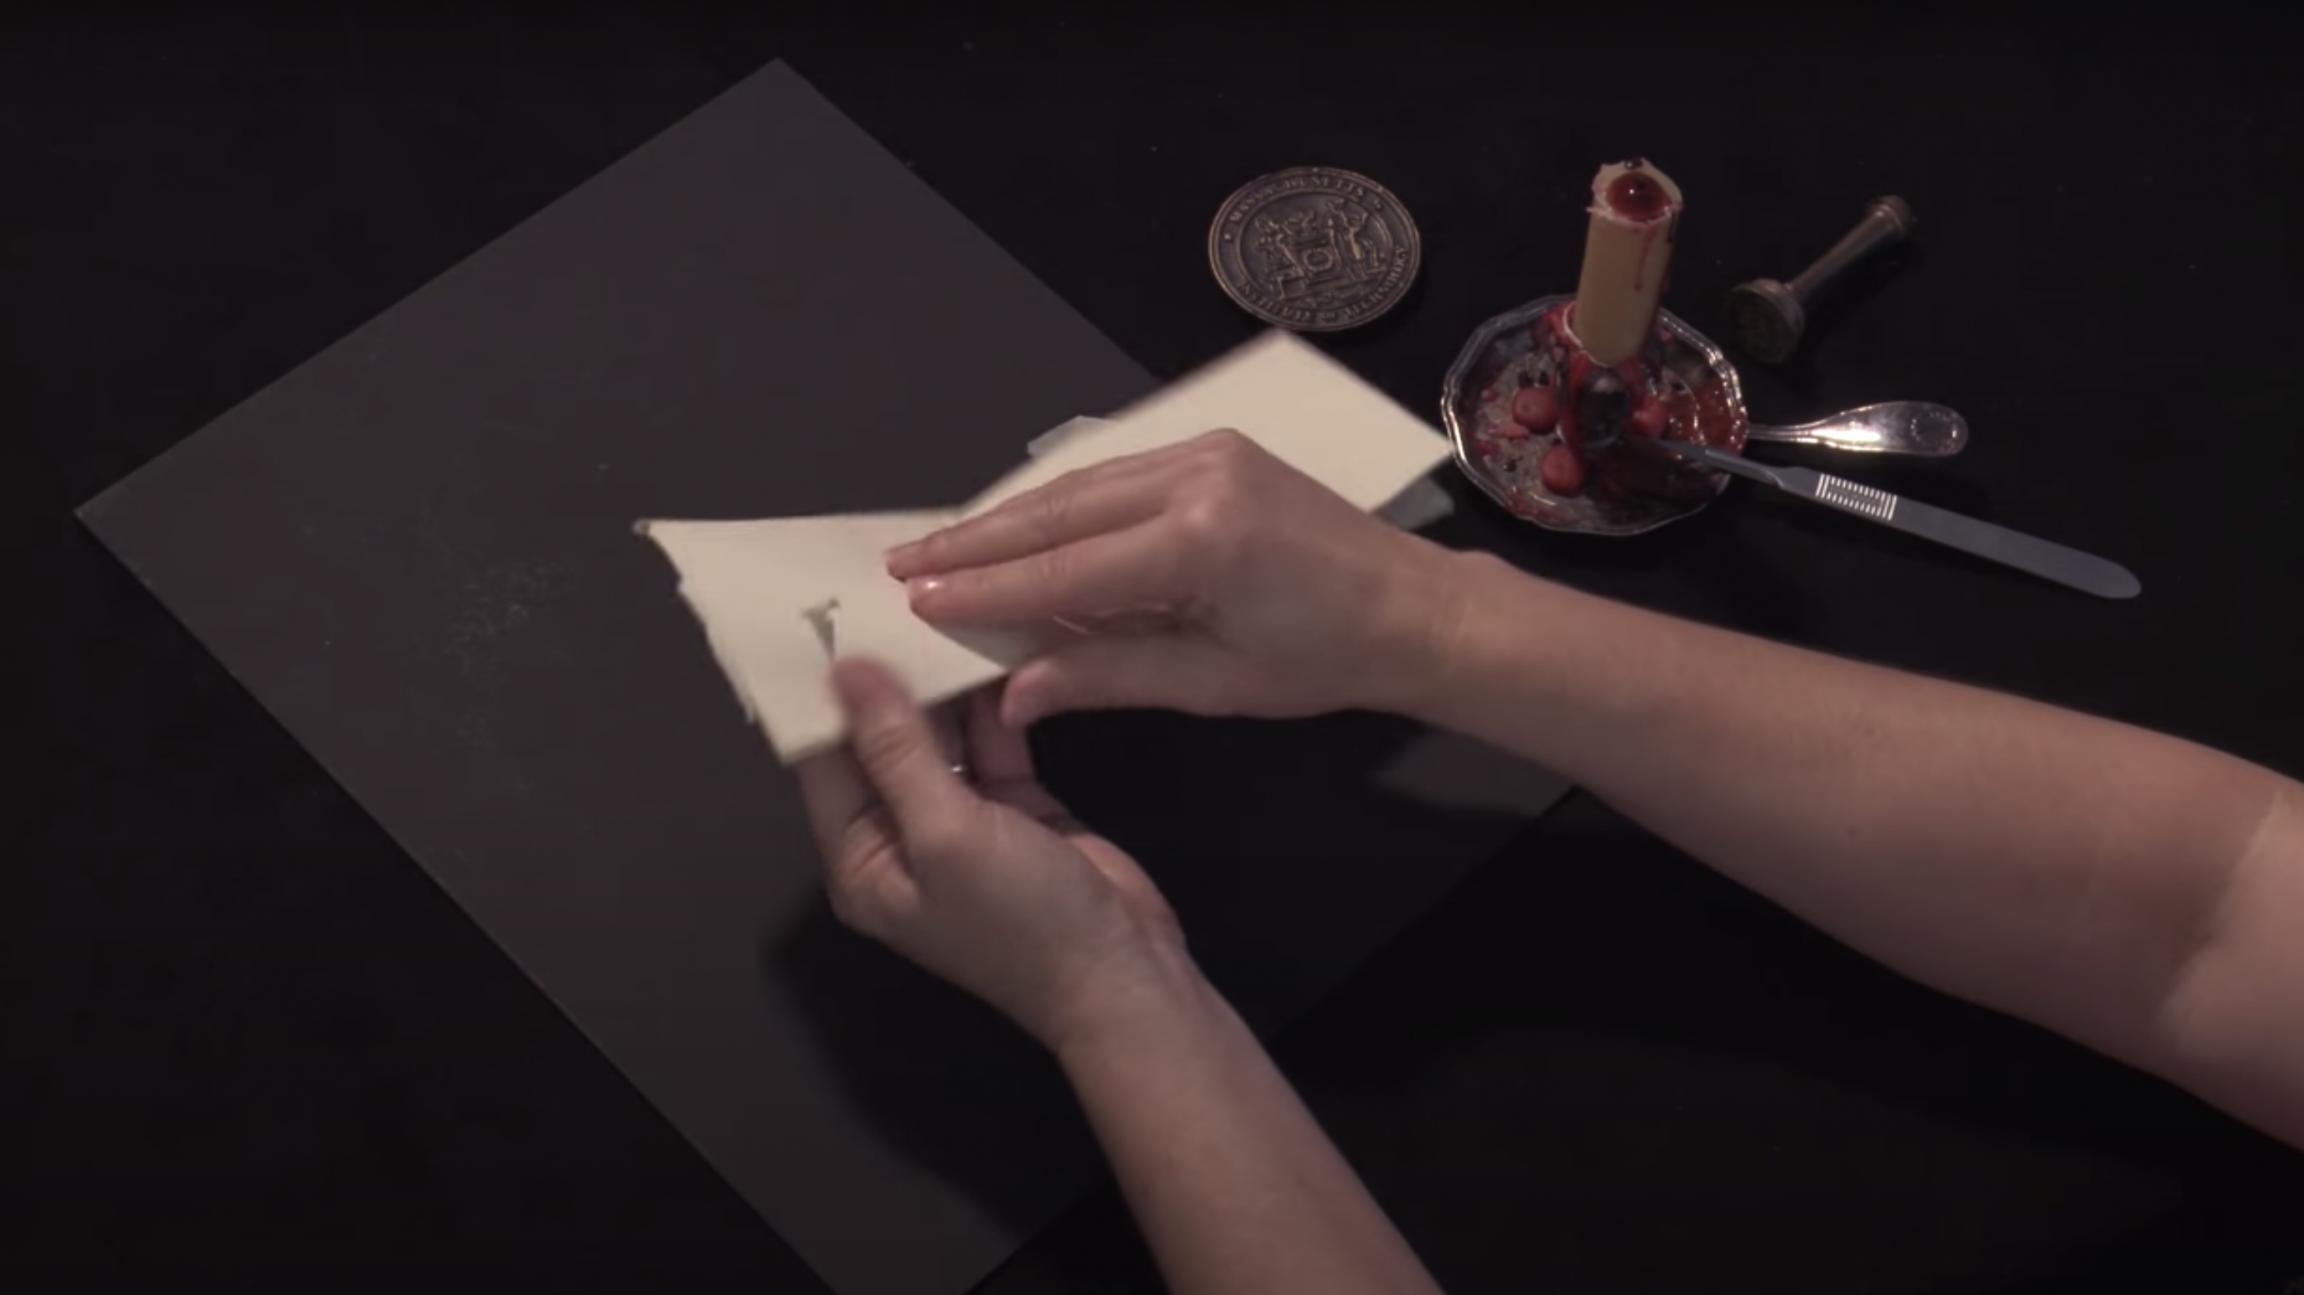 Hands fold a sheet of paper